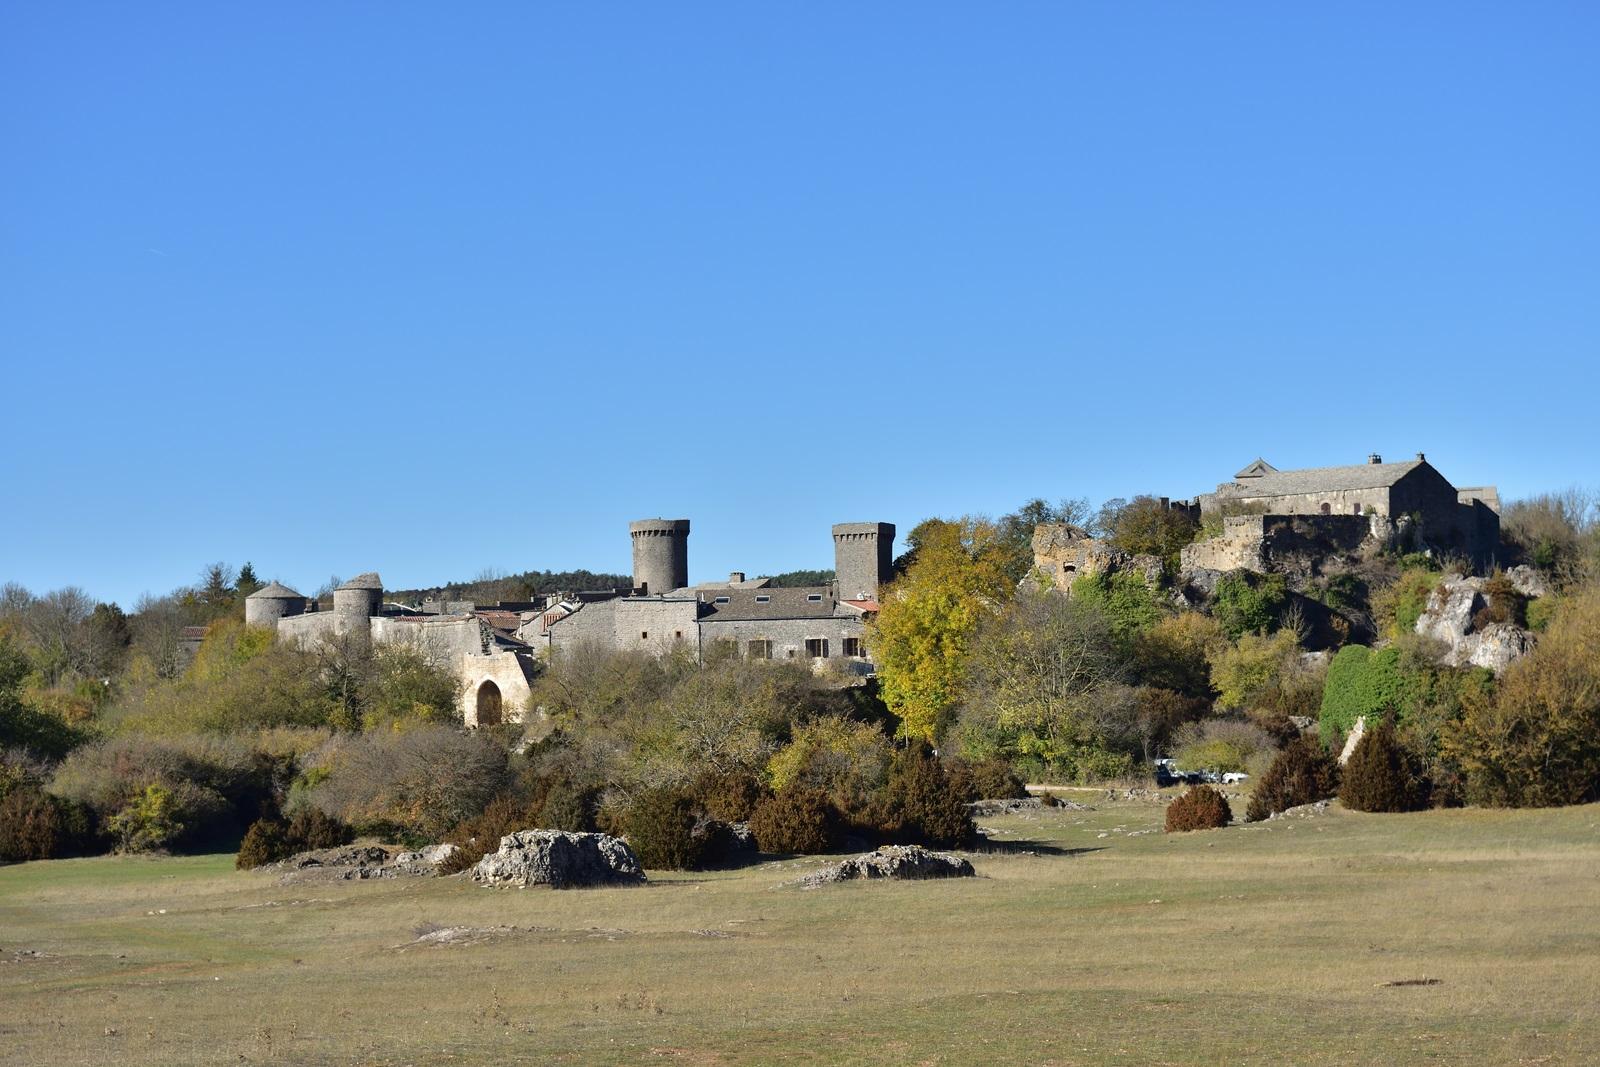 La Couvertoire, cité fortifiée par les templiers. Photo prise en octobre 2017